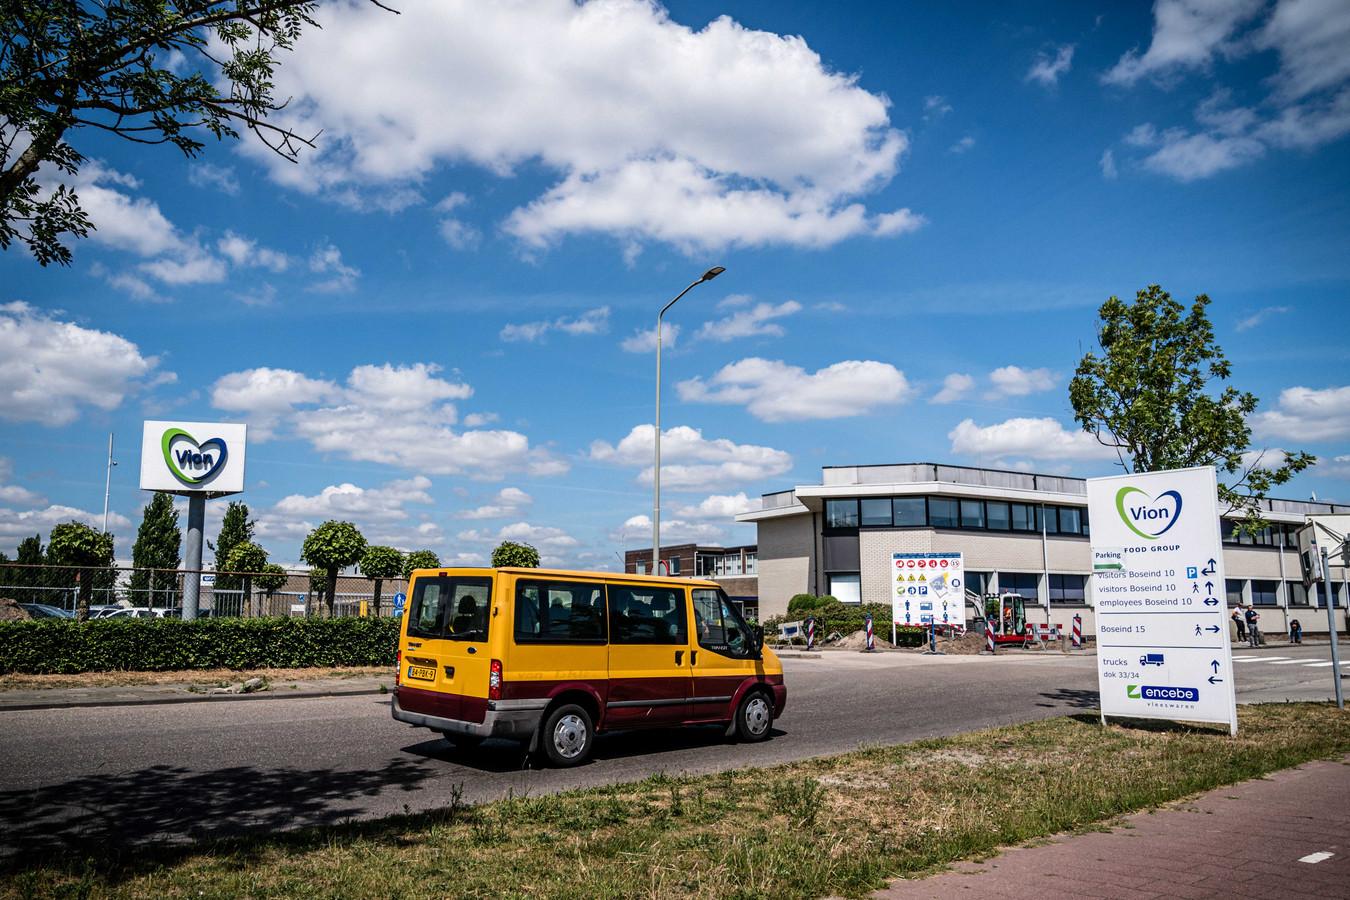 2020-05-27 16:33:23 BOXTEL - Een auto verlaat het terrein van vleesverwerker Vion in Boxtel. Een slachthuis van het bedrijf in Apeldoorn moet de deuren sluiten nadat de coronarichtlijnen niet nageleefd werden. ANP ROB ENKELAAR